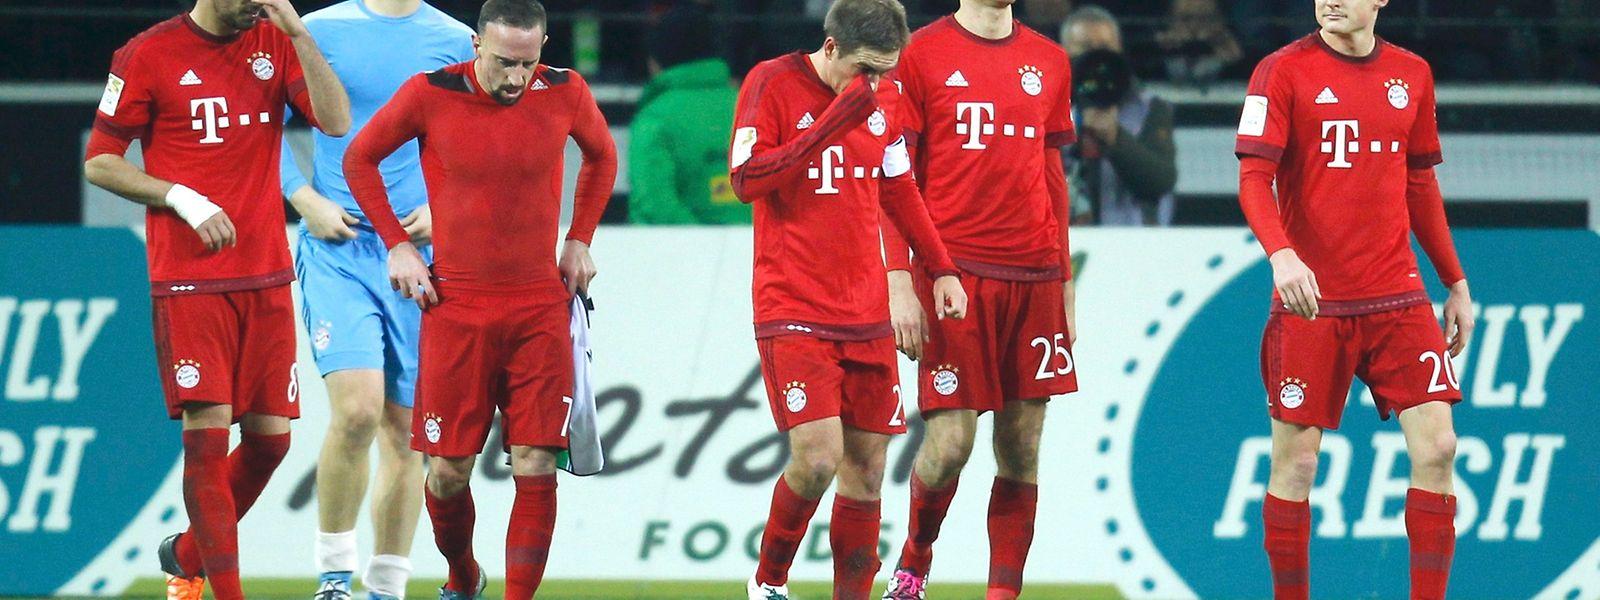 Die Bayern-Spieler mussten den Platz als Verlierer verlassen.